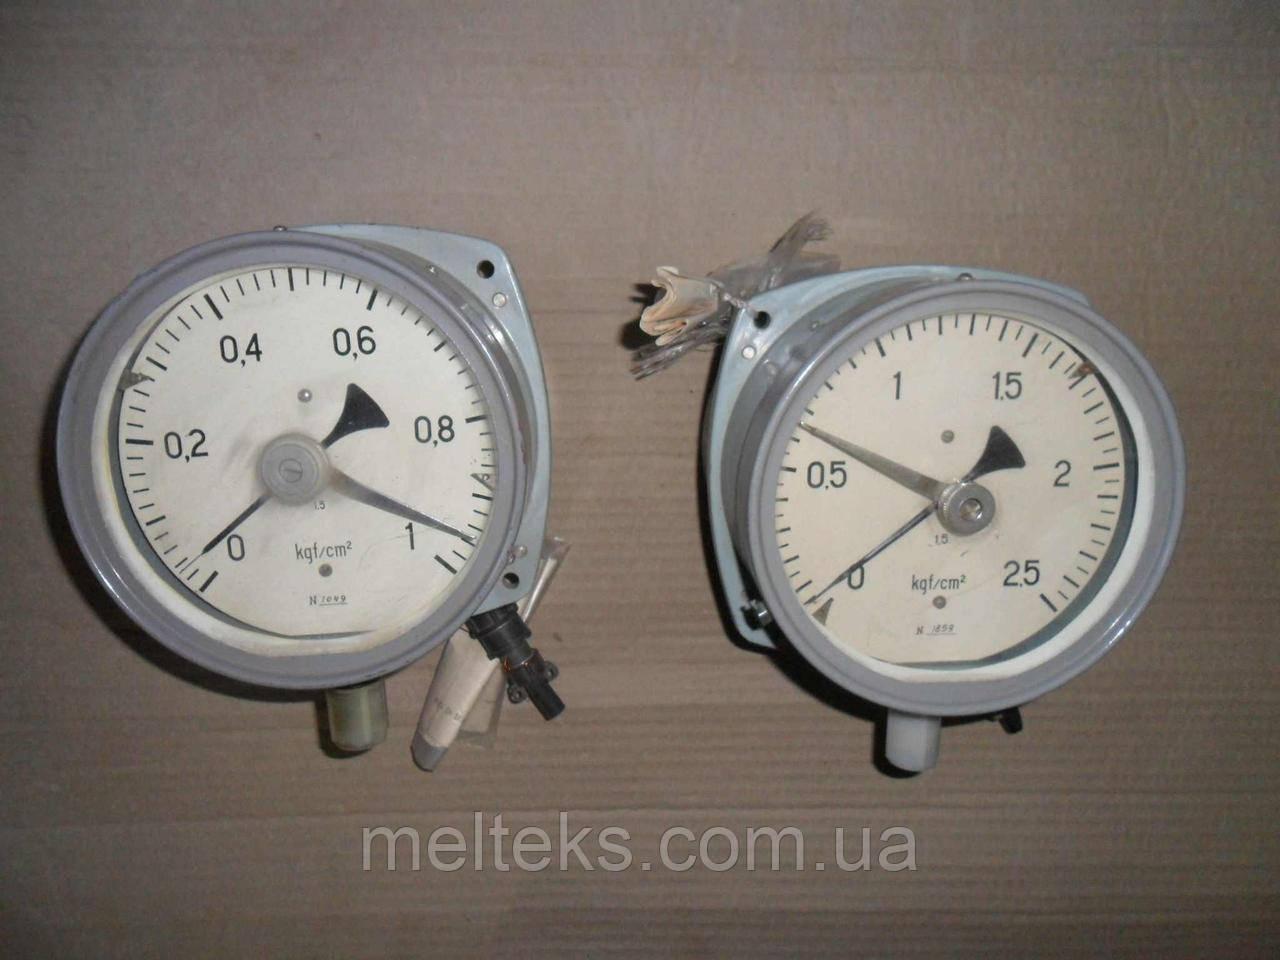 Манометры электроконтактные МП4 III для газодувок